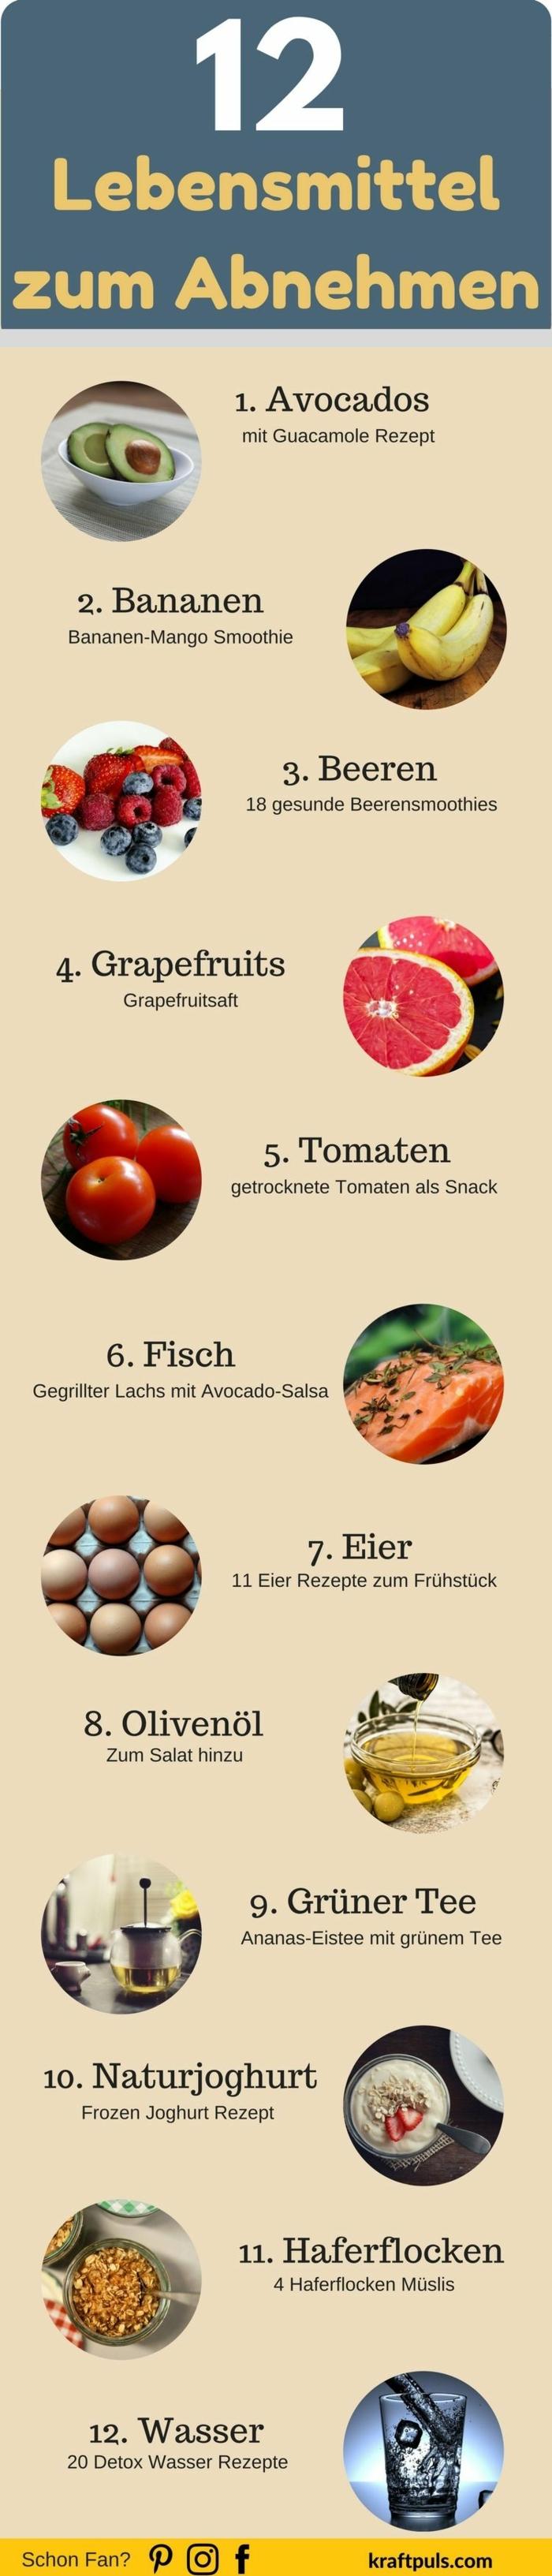 lebensmittel zum abnehmen avocados bananen beeren grapefruits tomaten fisch eier naturjoghurt haferflocken gesunde smoothie rezepte